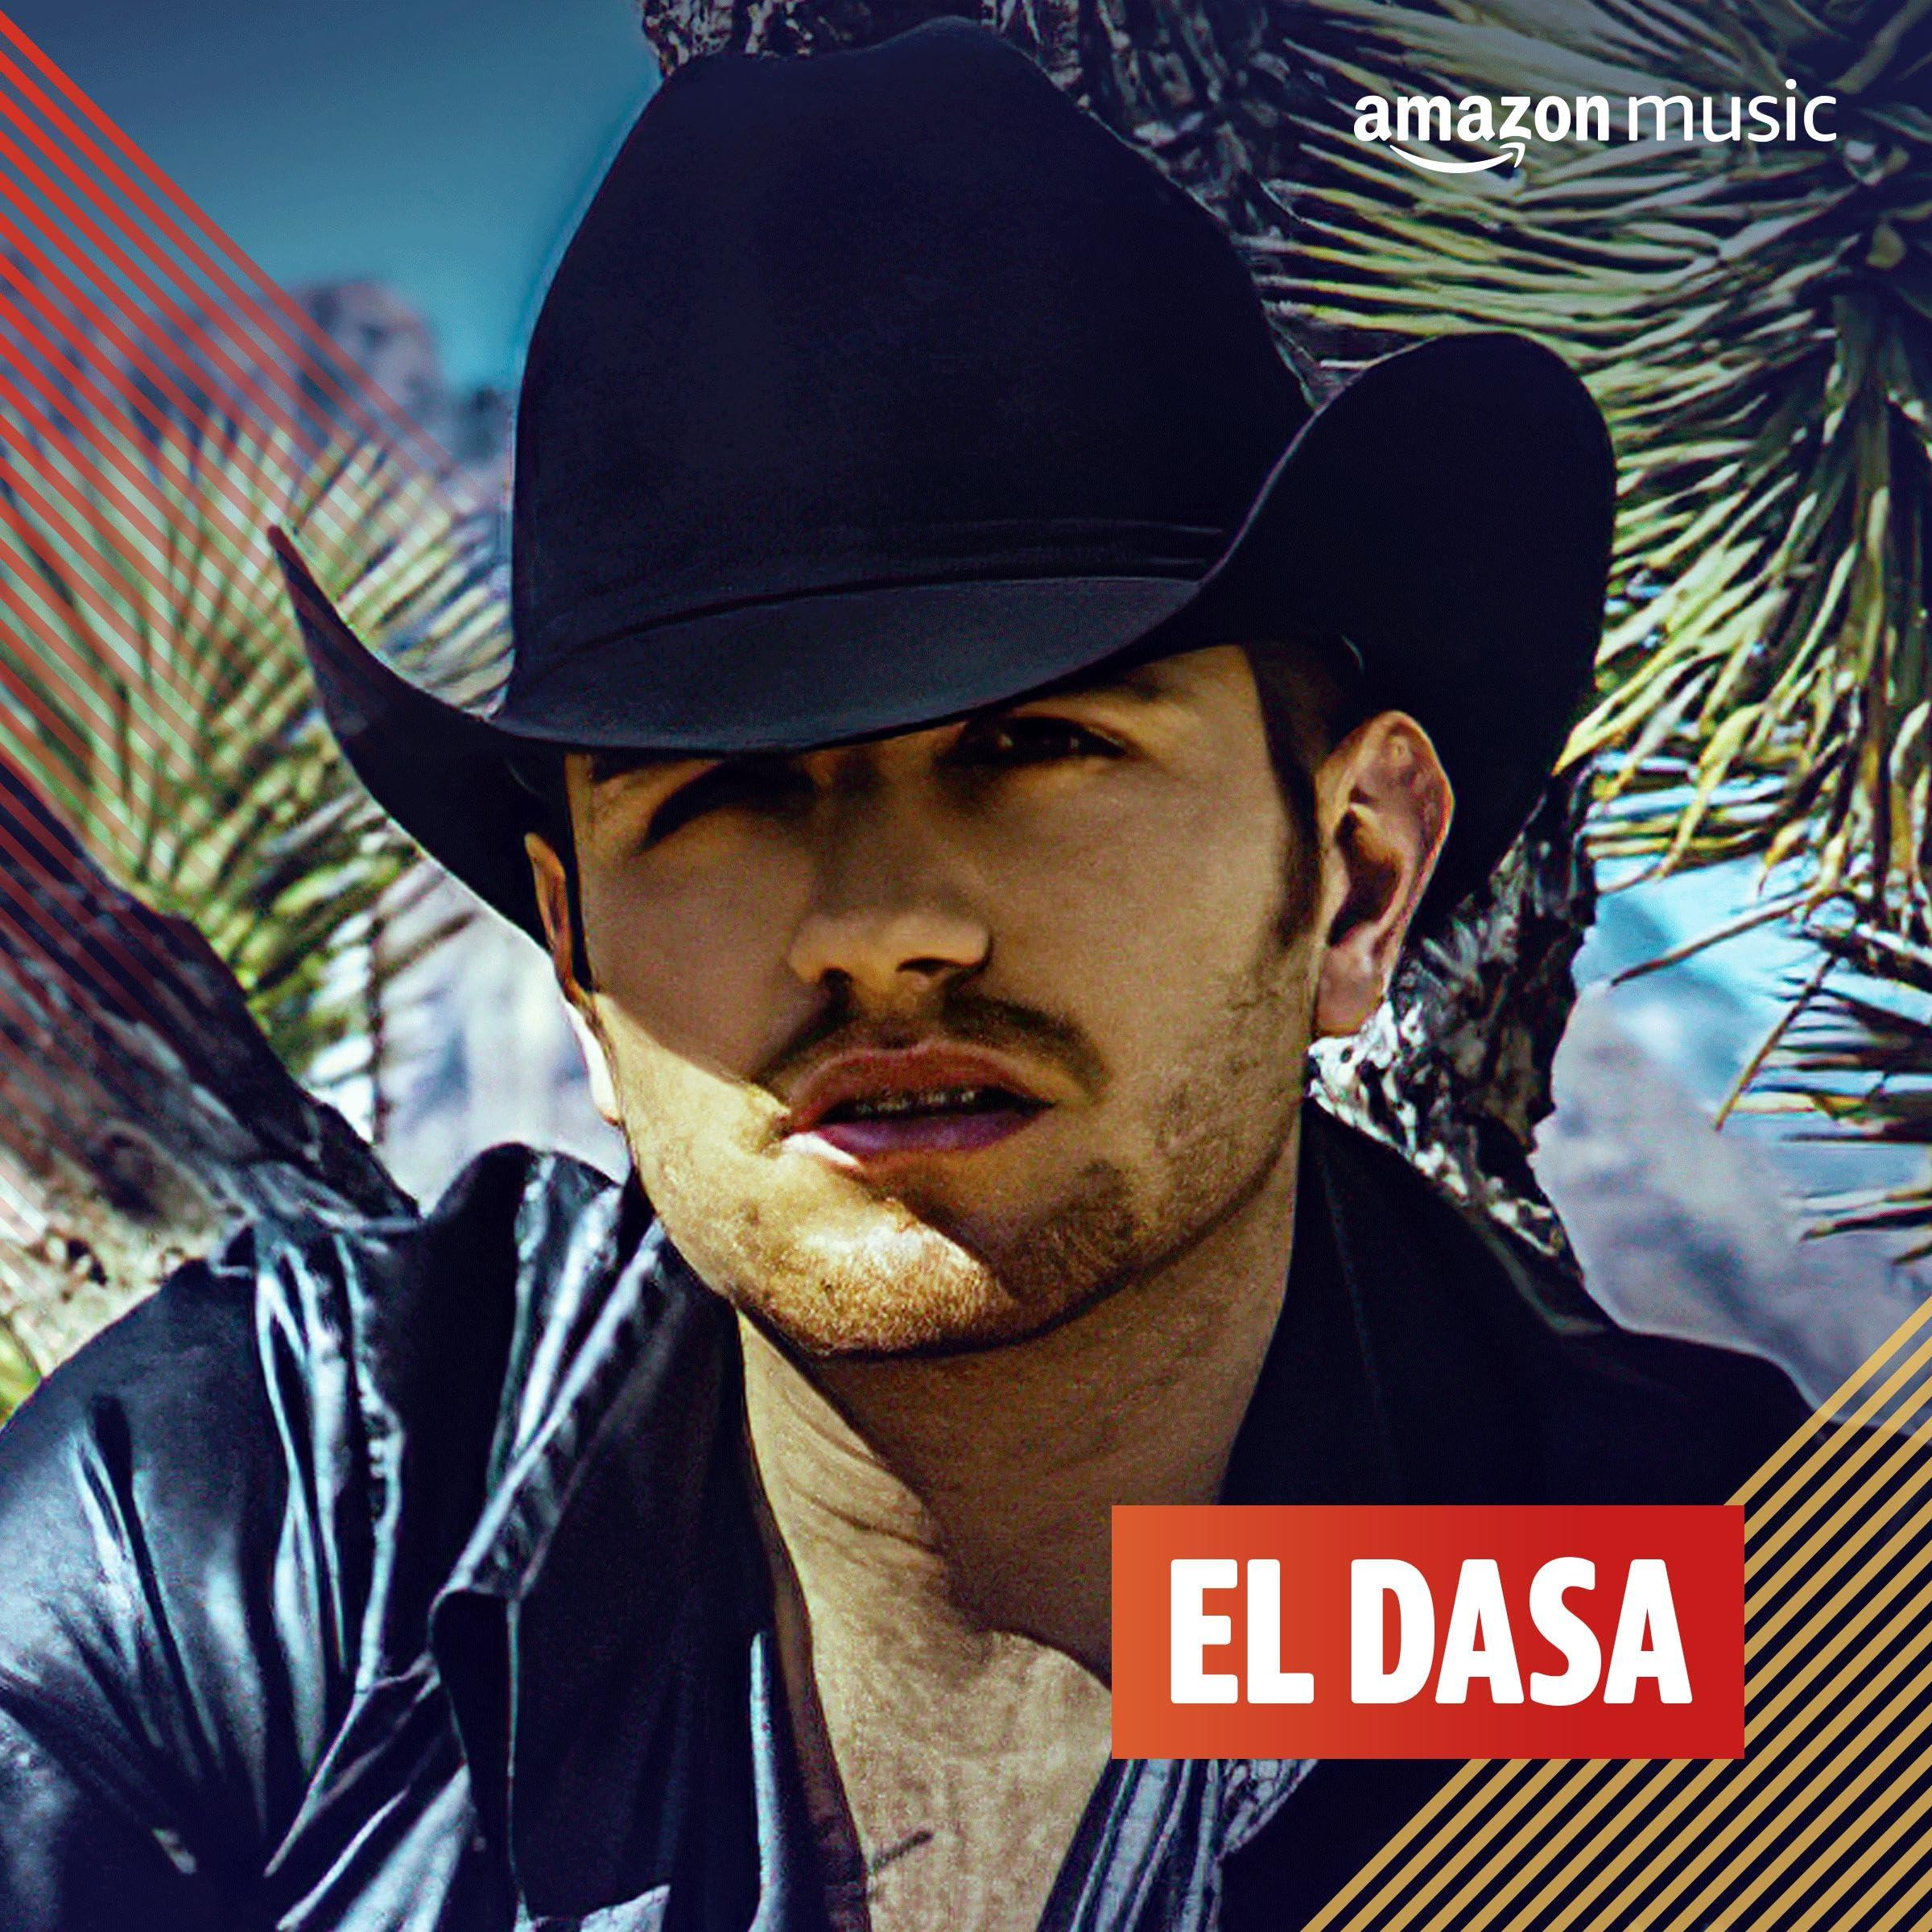 El Dasa